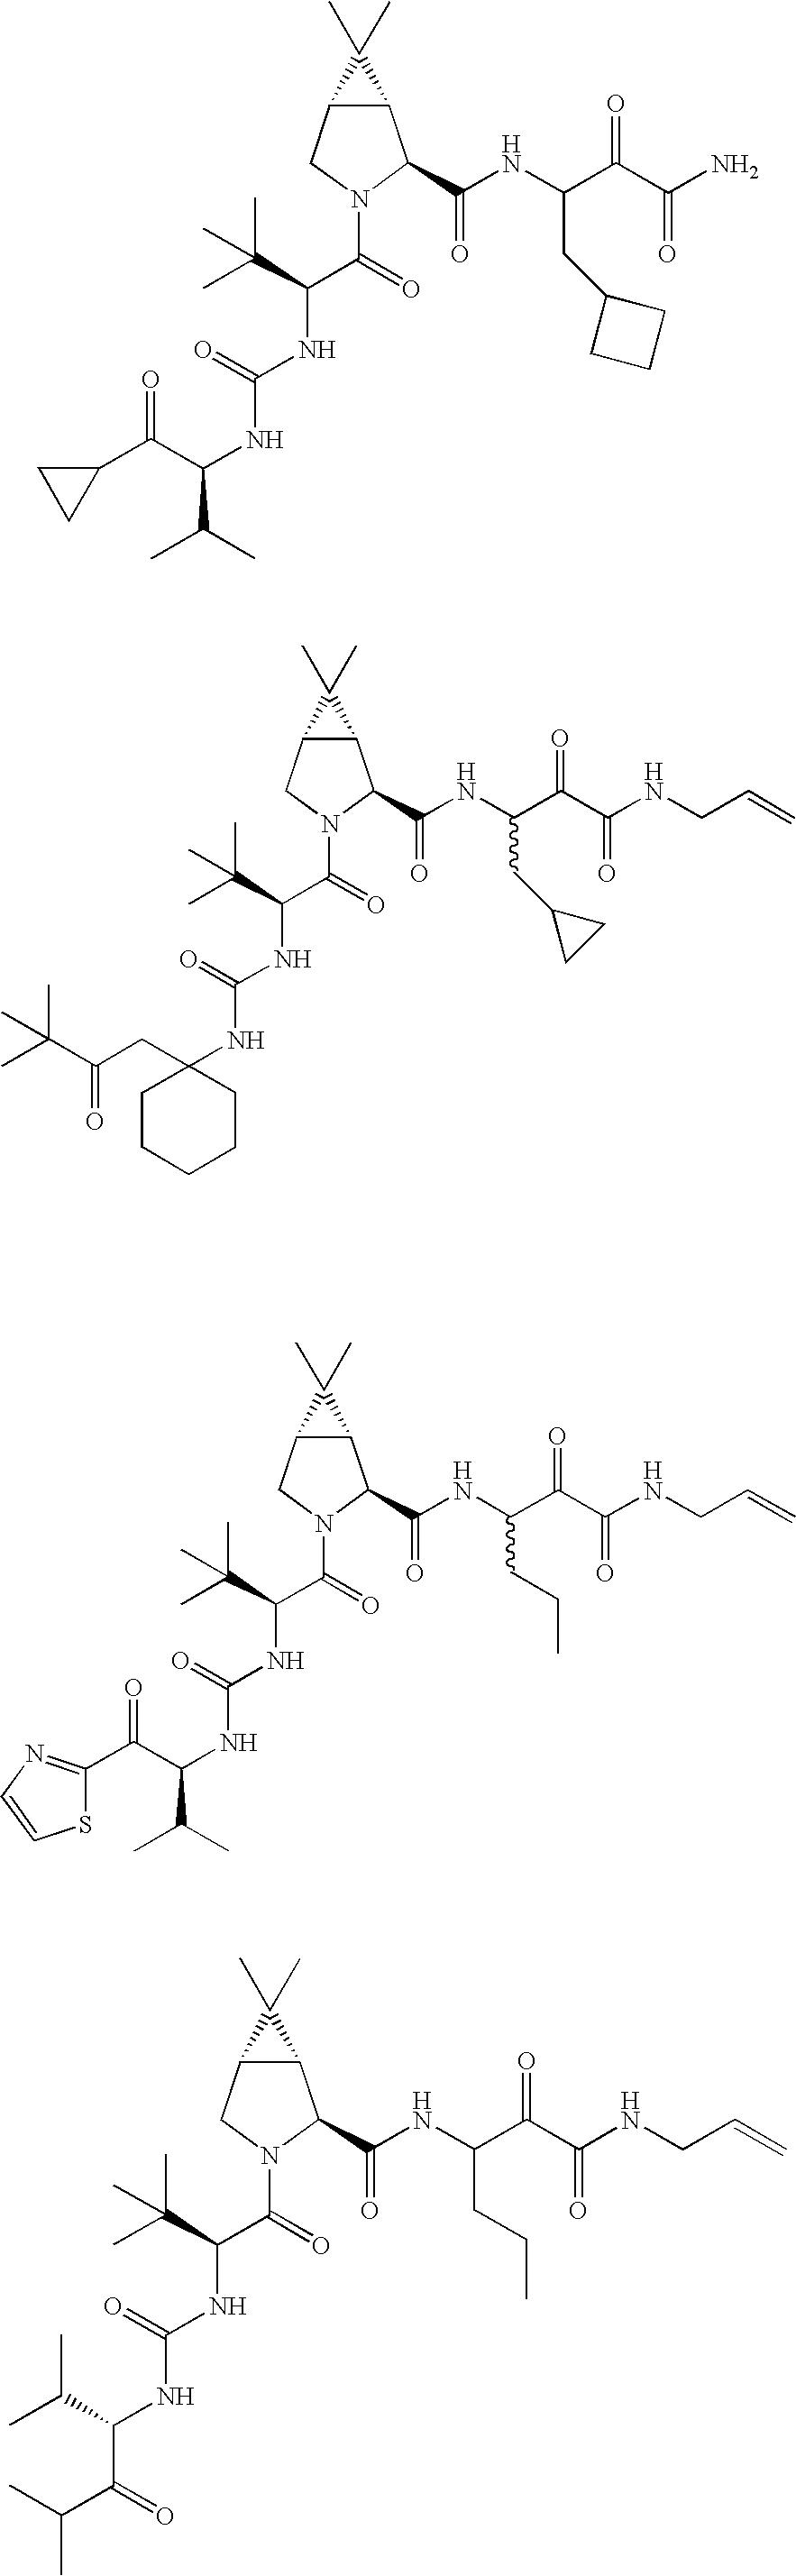 Figure US20060287248A1-20061221-C00235